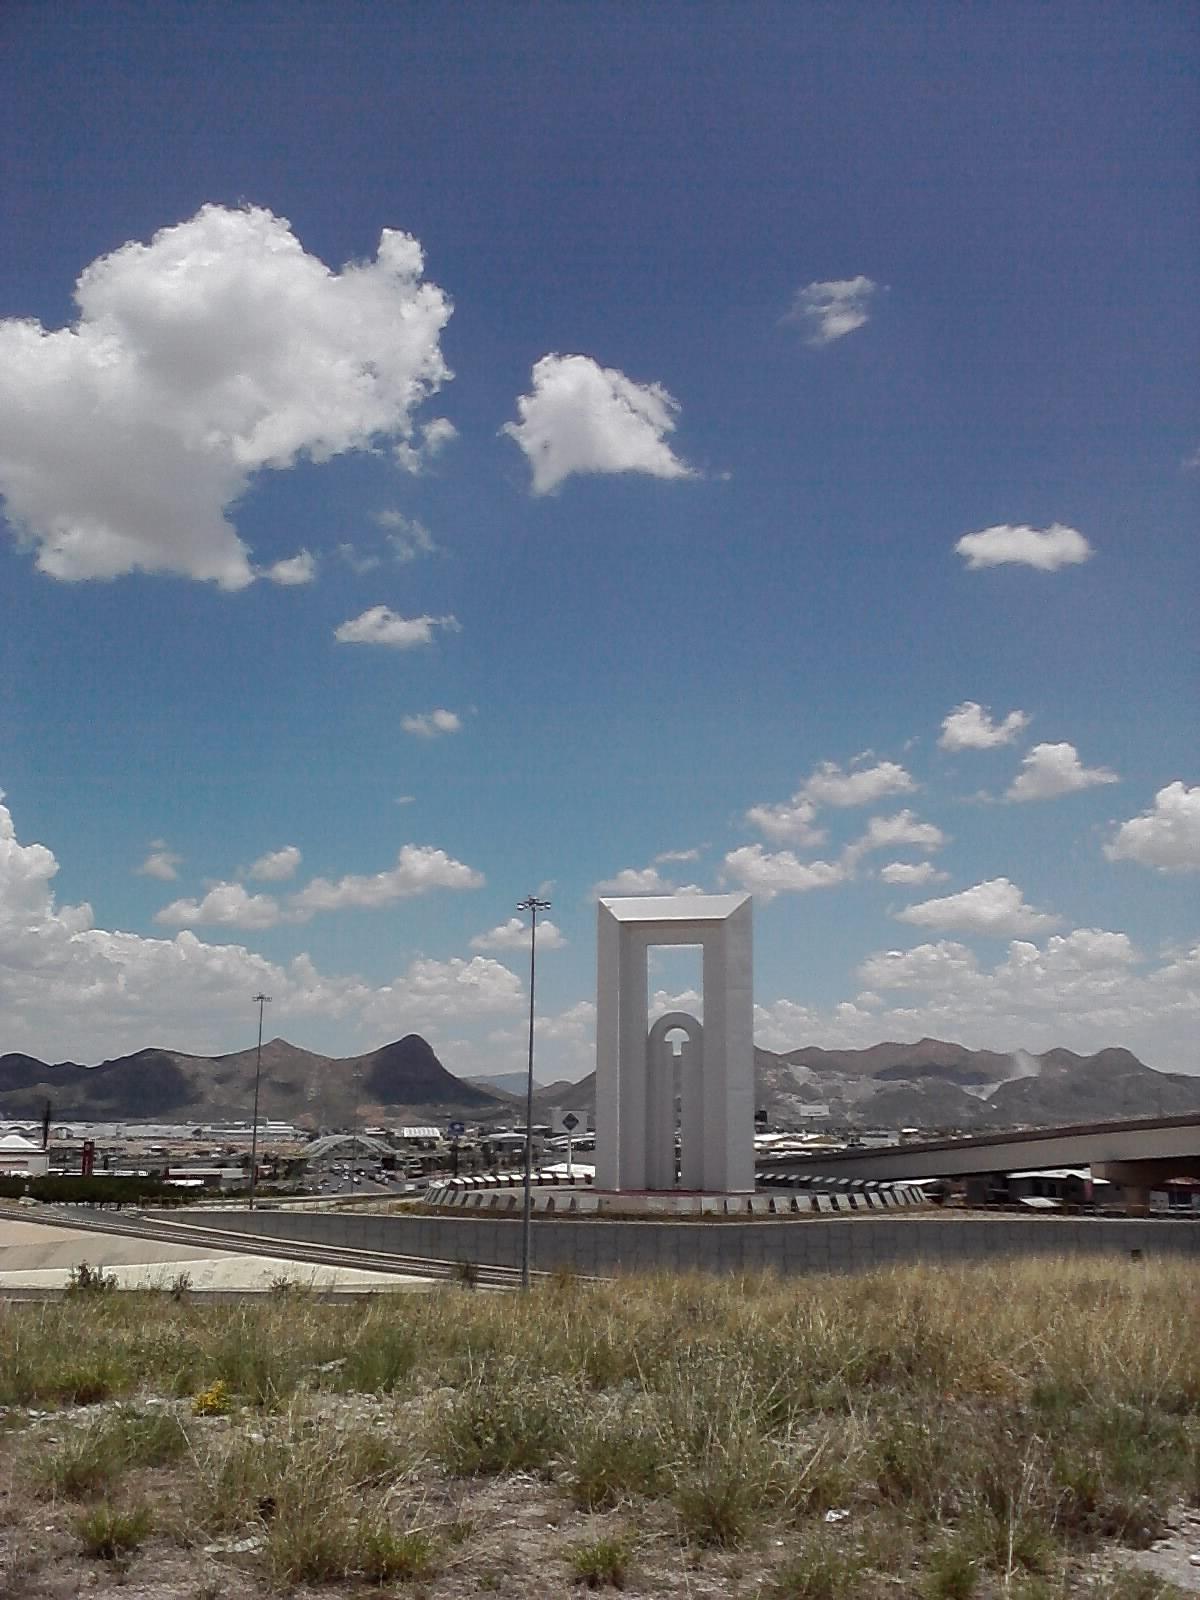 Bitacoraoscar las esculturas publicas de la ciudad de Obras puerta del sol